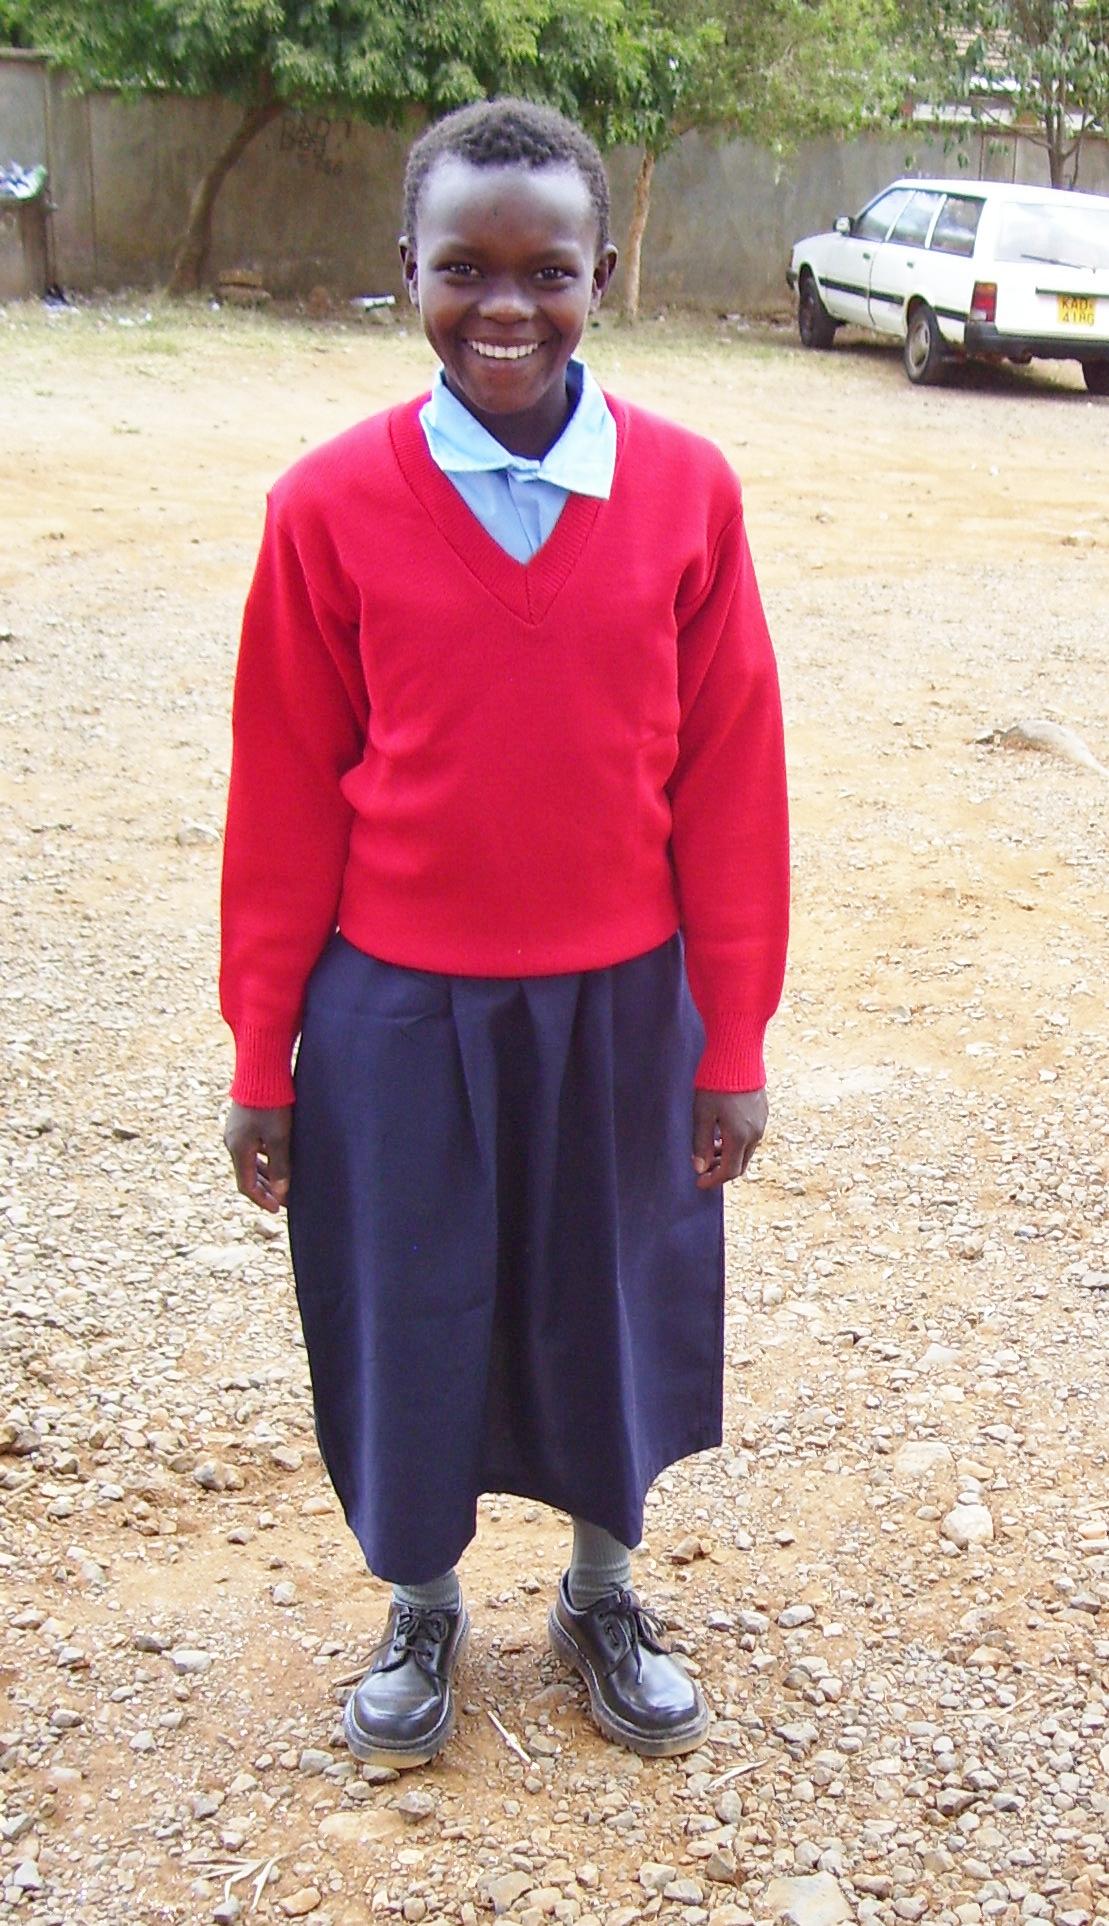 Ester in her new school uniform